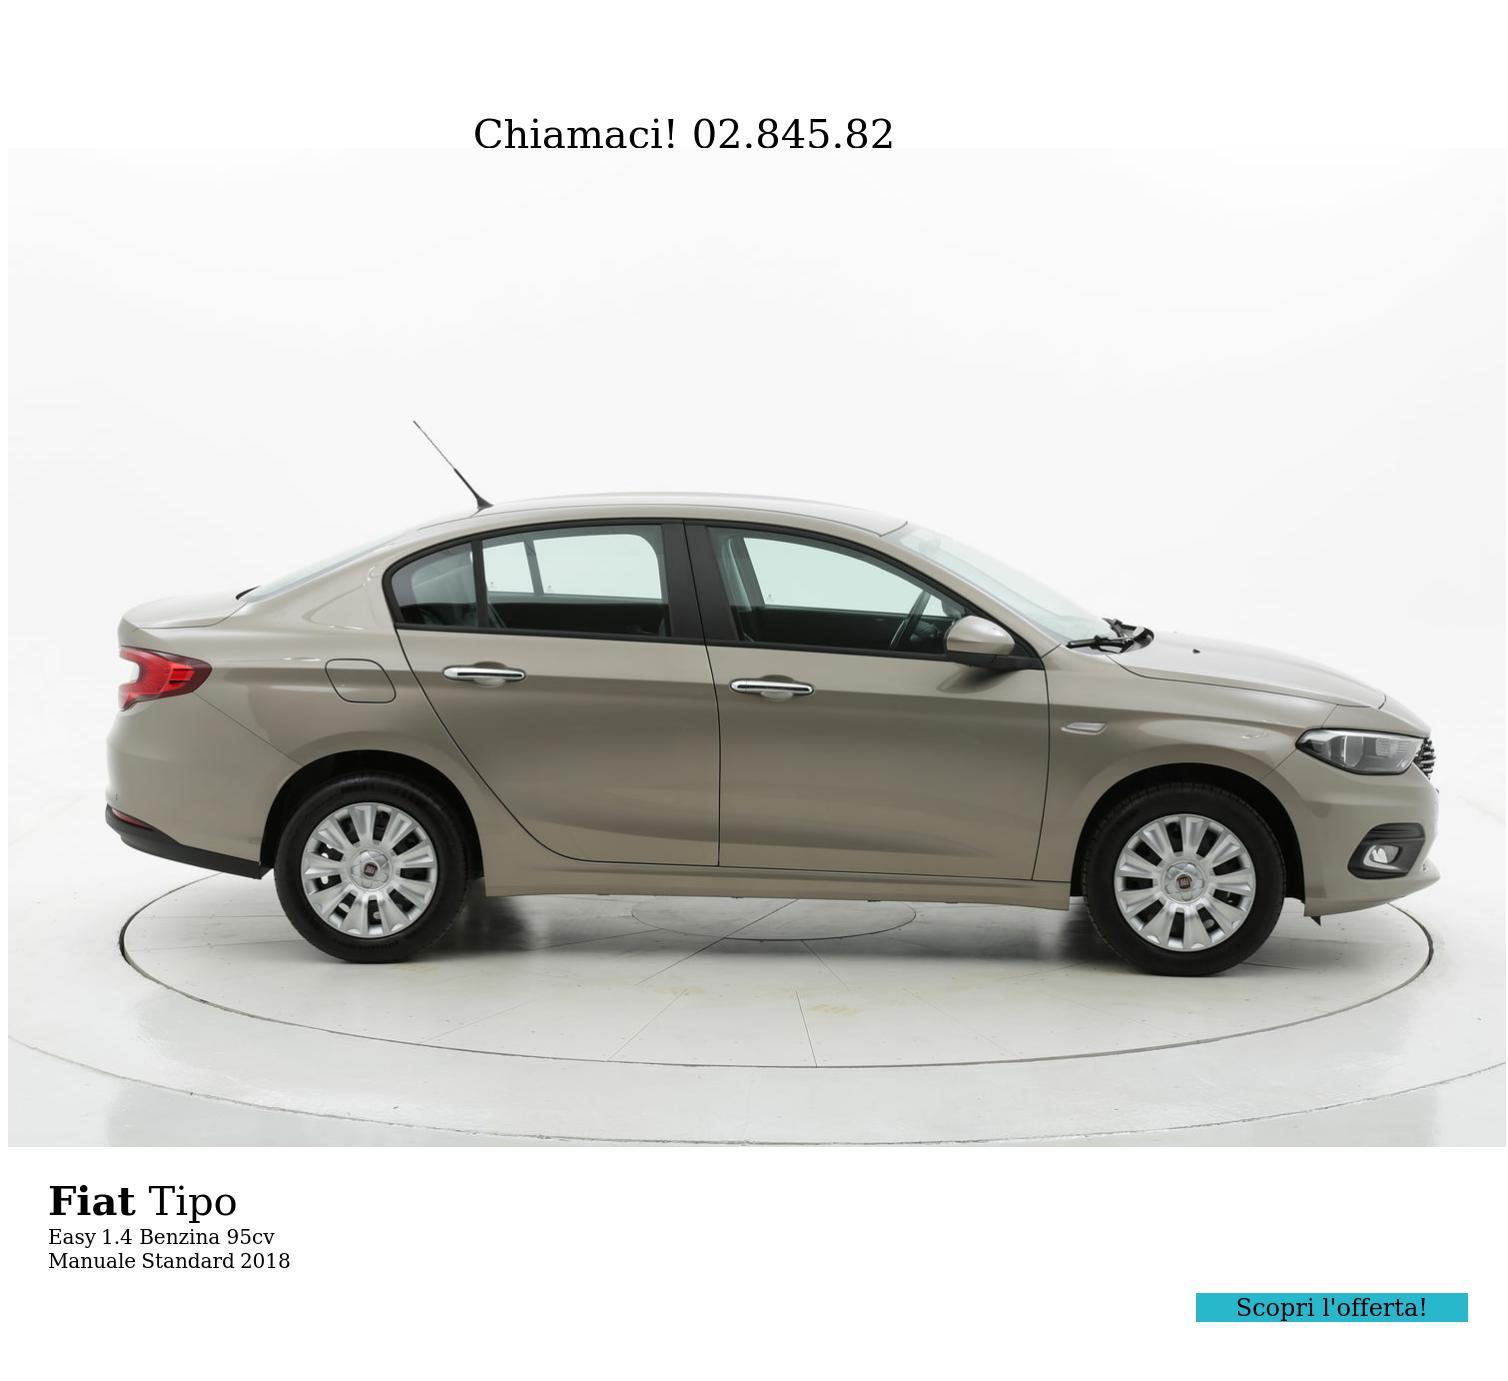 Fiat Tipo Easy km 0 benzina beige   brumbrum